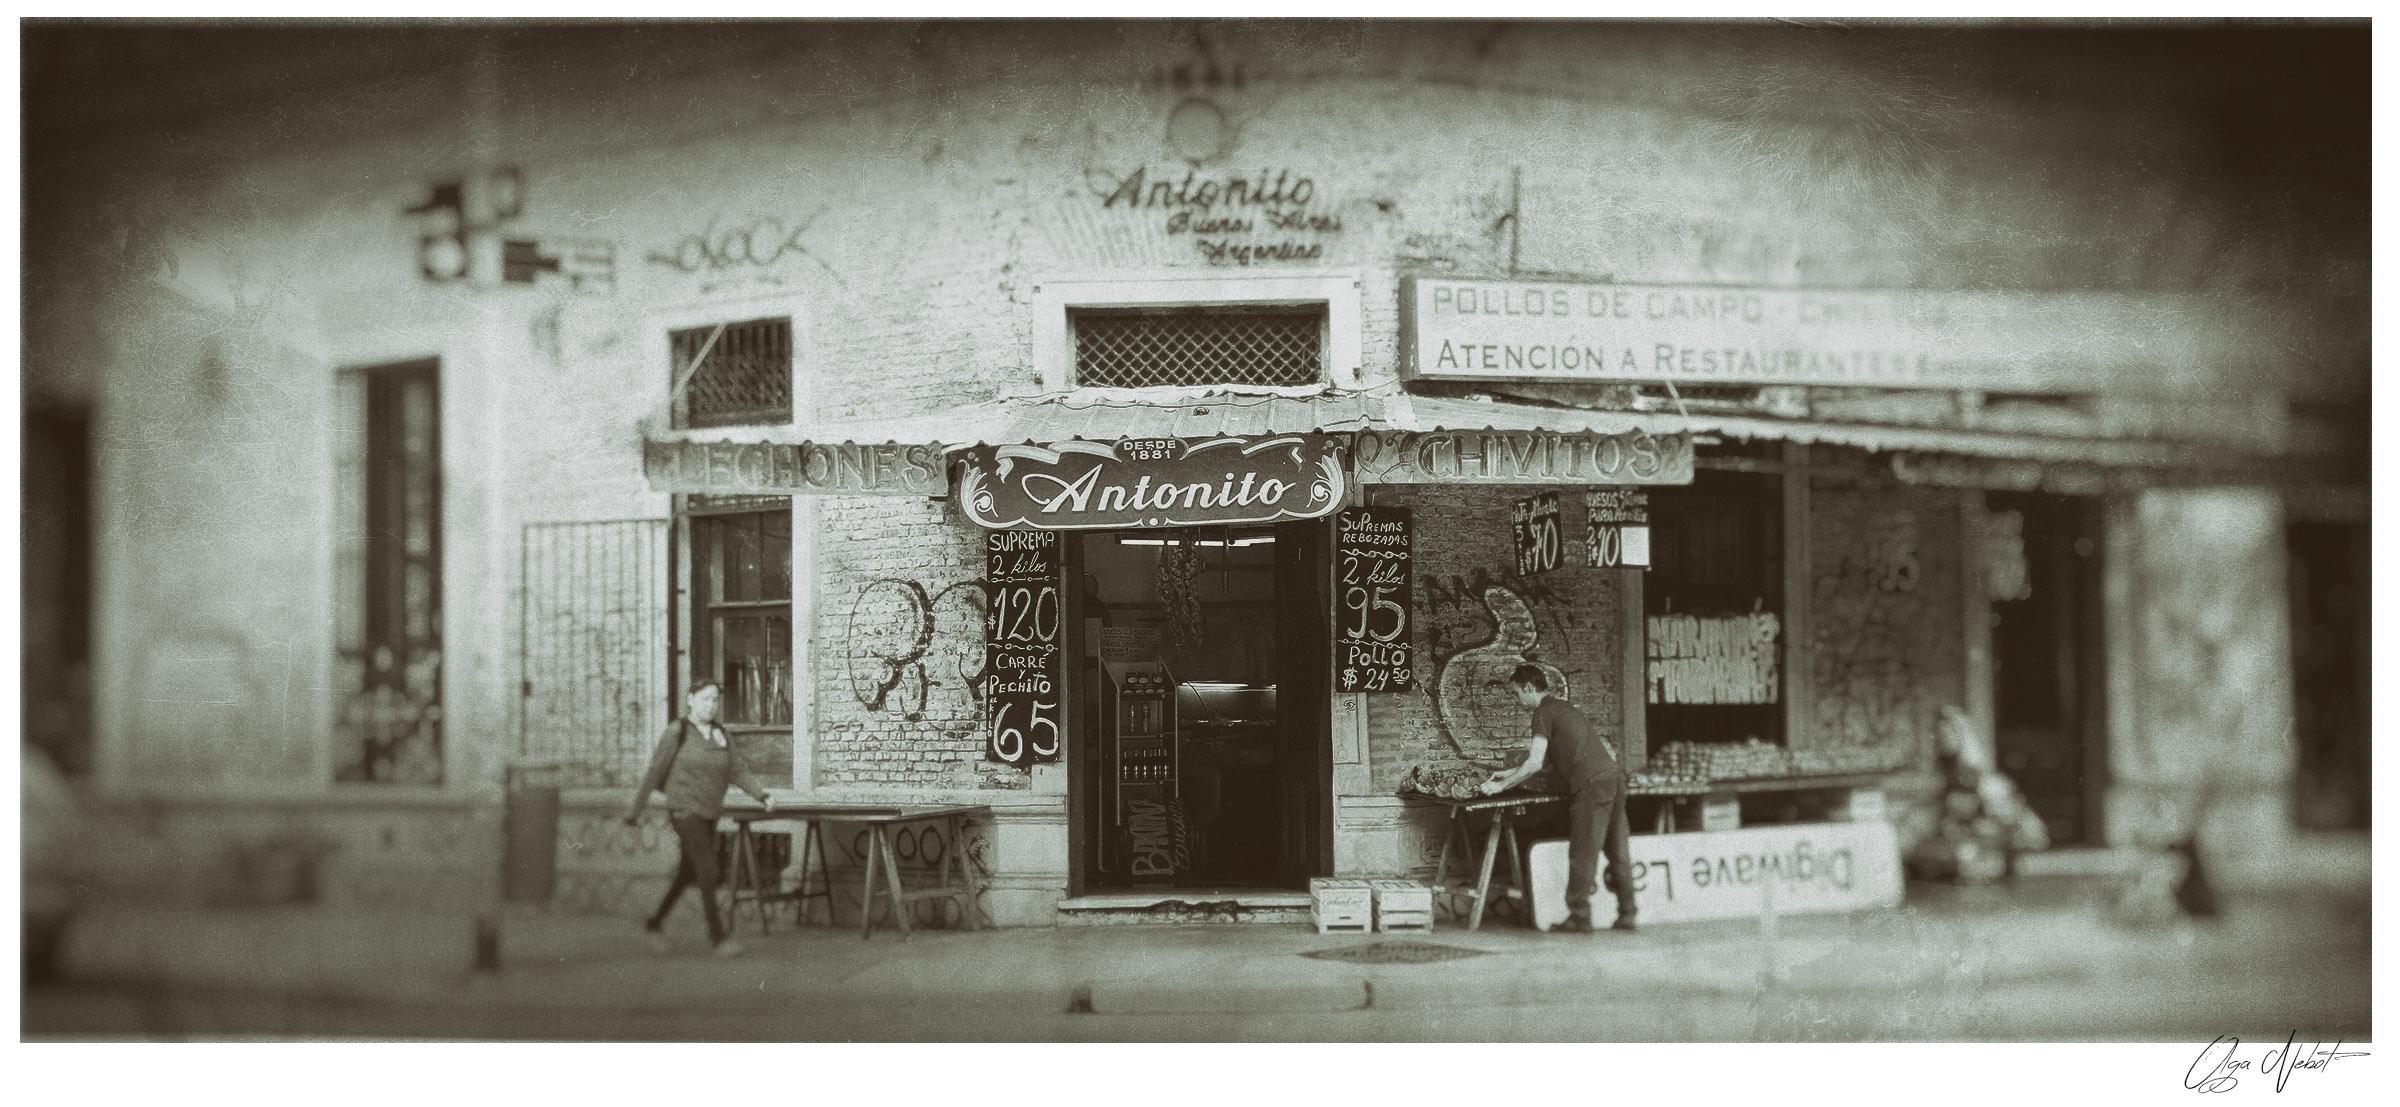 Palermo neighbourhood